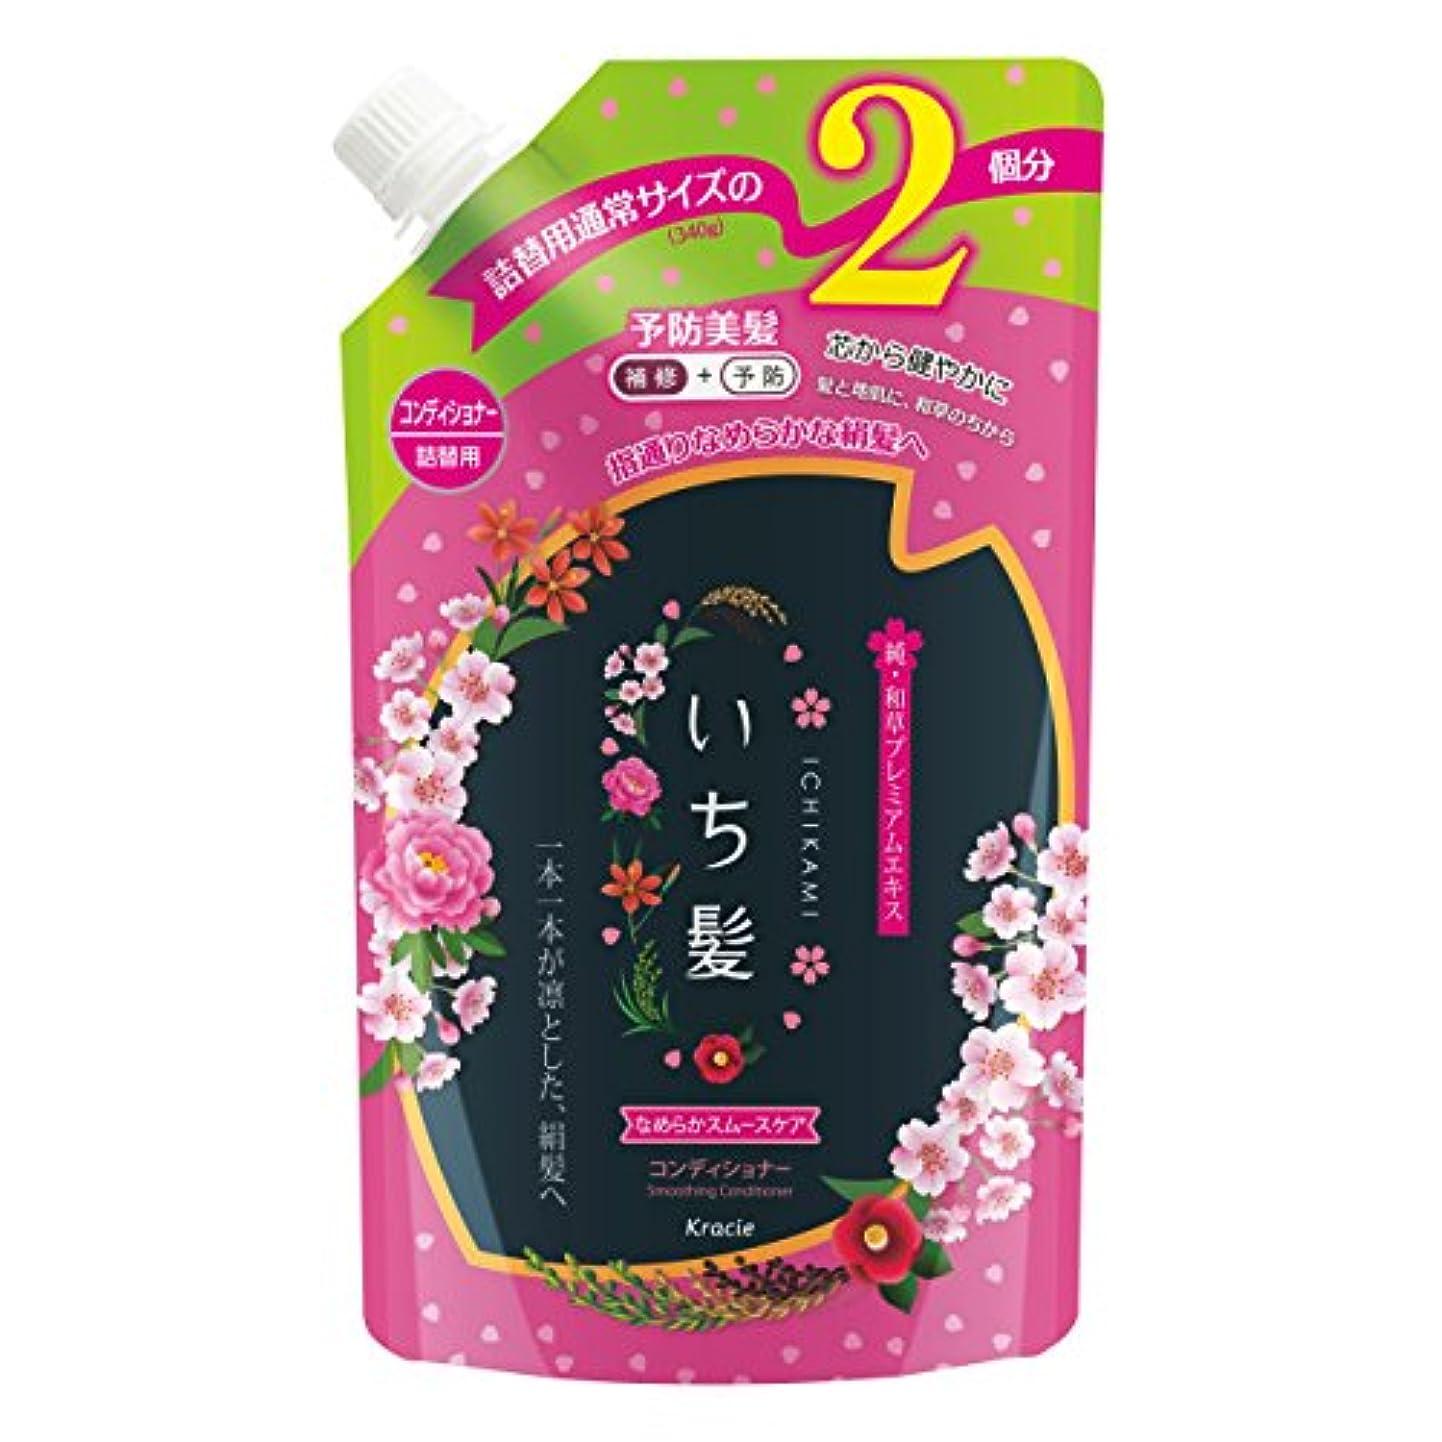 乳ポータル不毛いち髪 なめらかスムースケア コンディショナー 詰替用2回分 680g